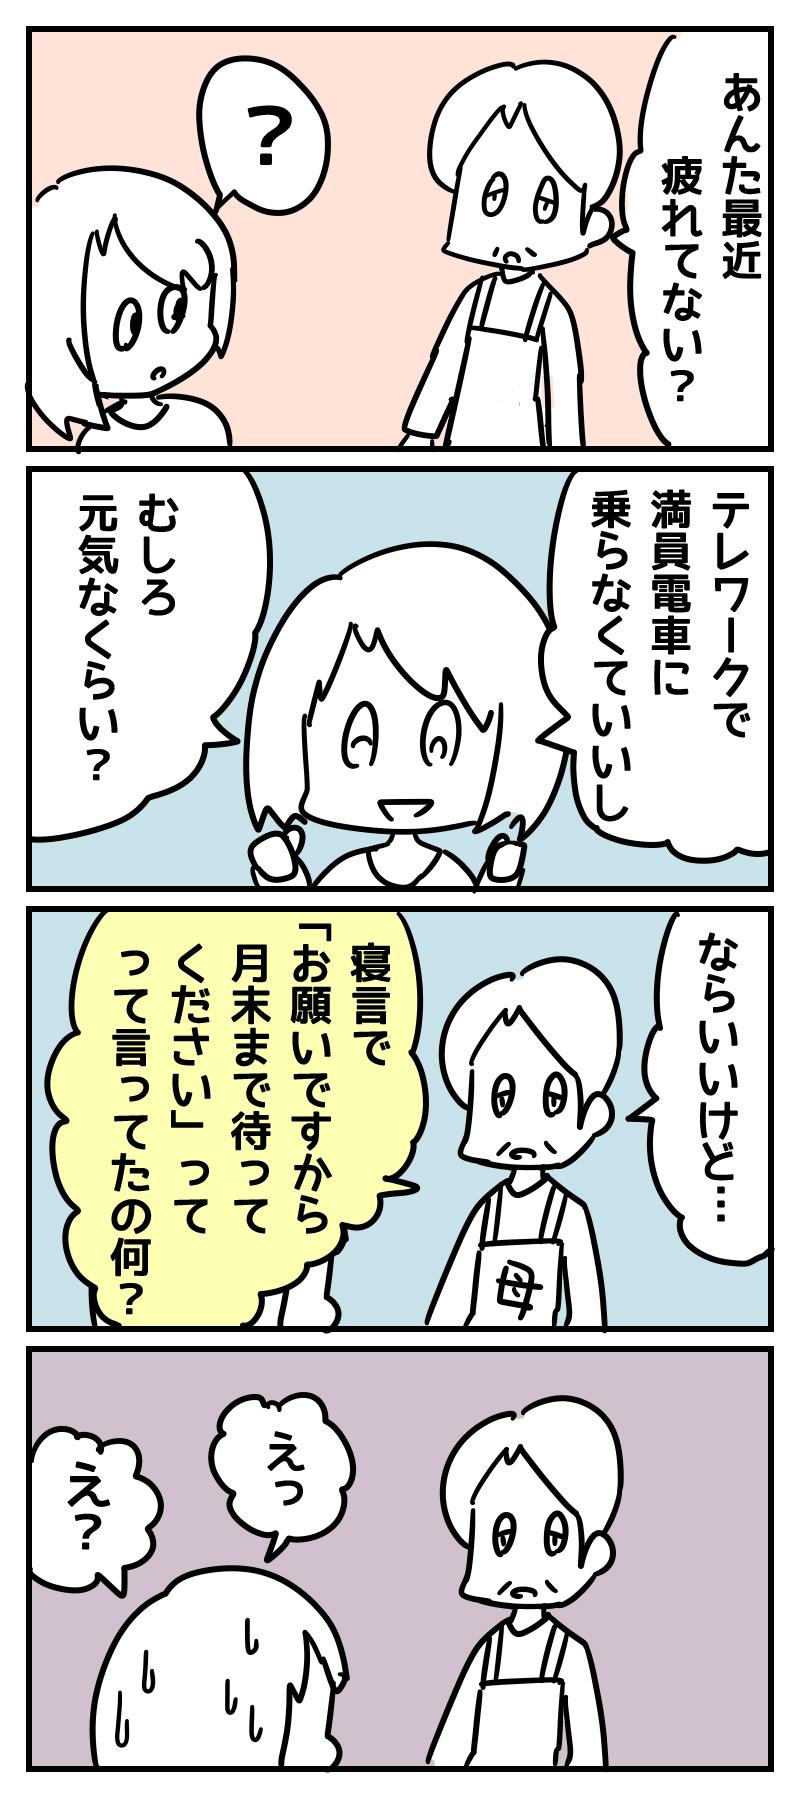 ヤマカタさん4コマ